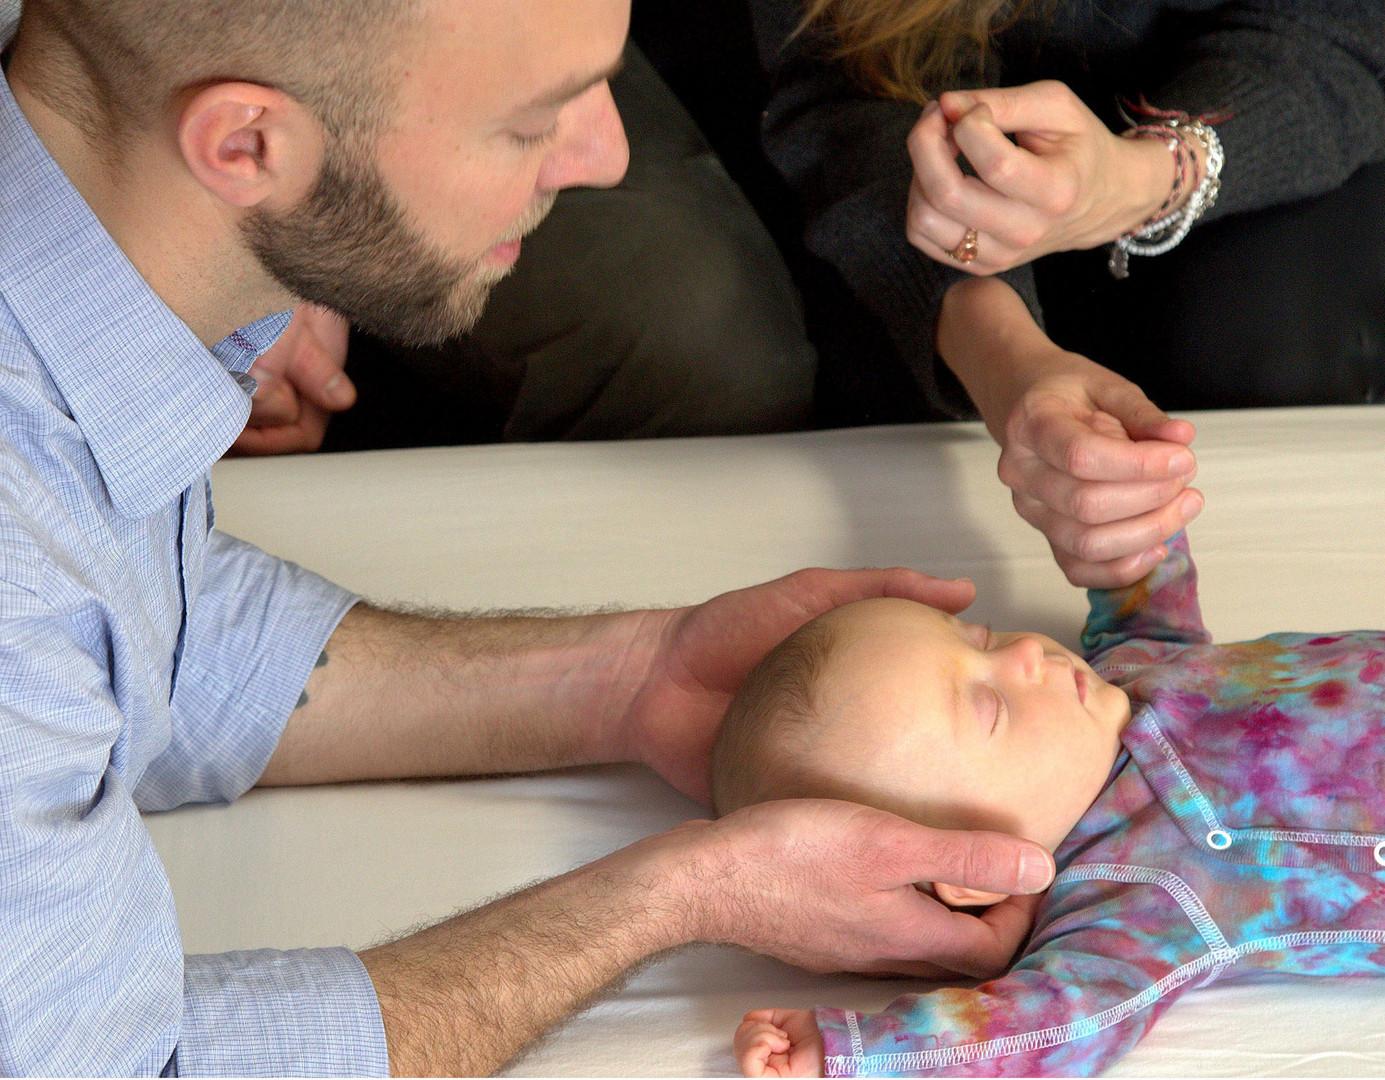 David A. Kaminker, LAc, MSOM, pediatric treatments